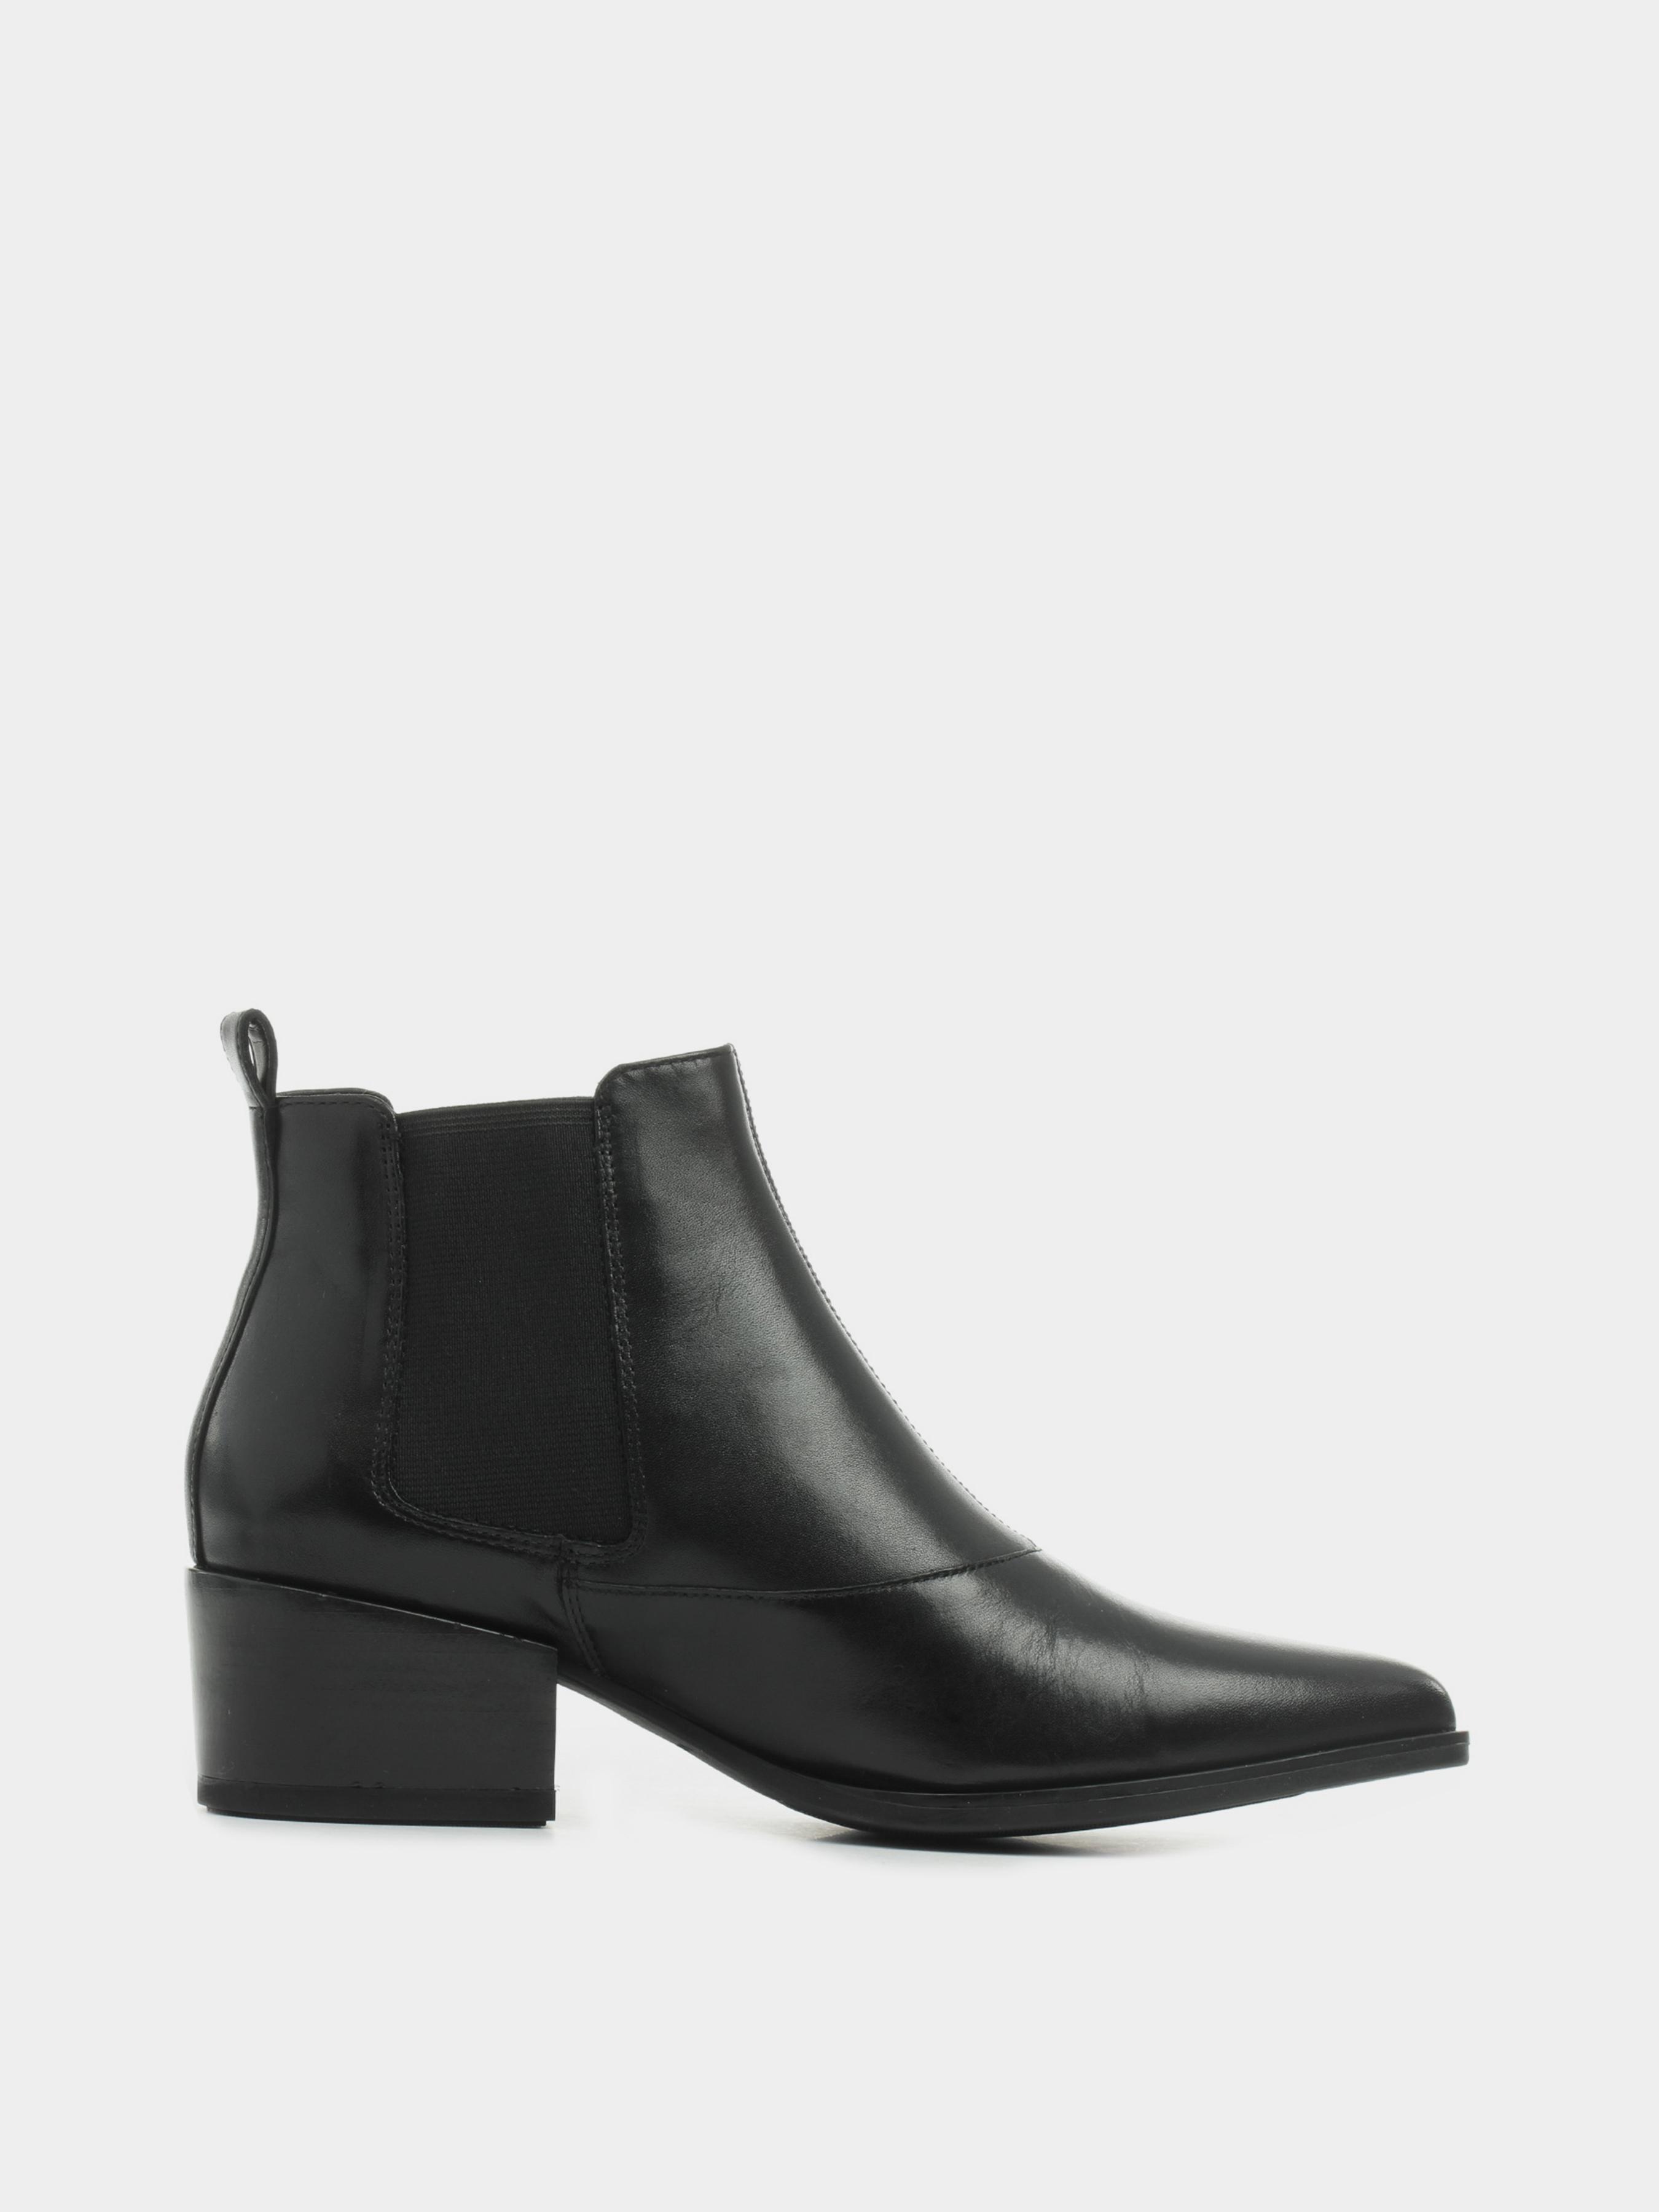 Купить Ботинки женские VAGABOND MARJA VW5222, Черный